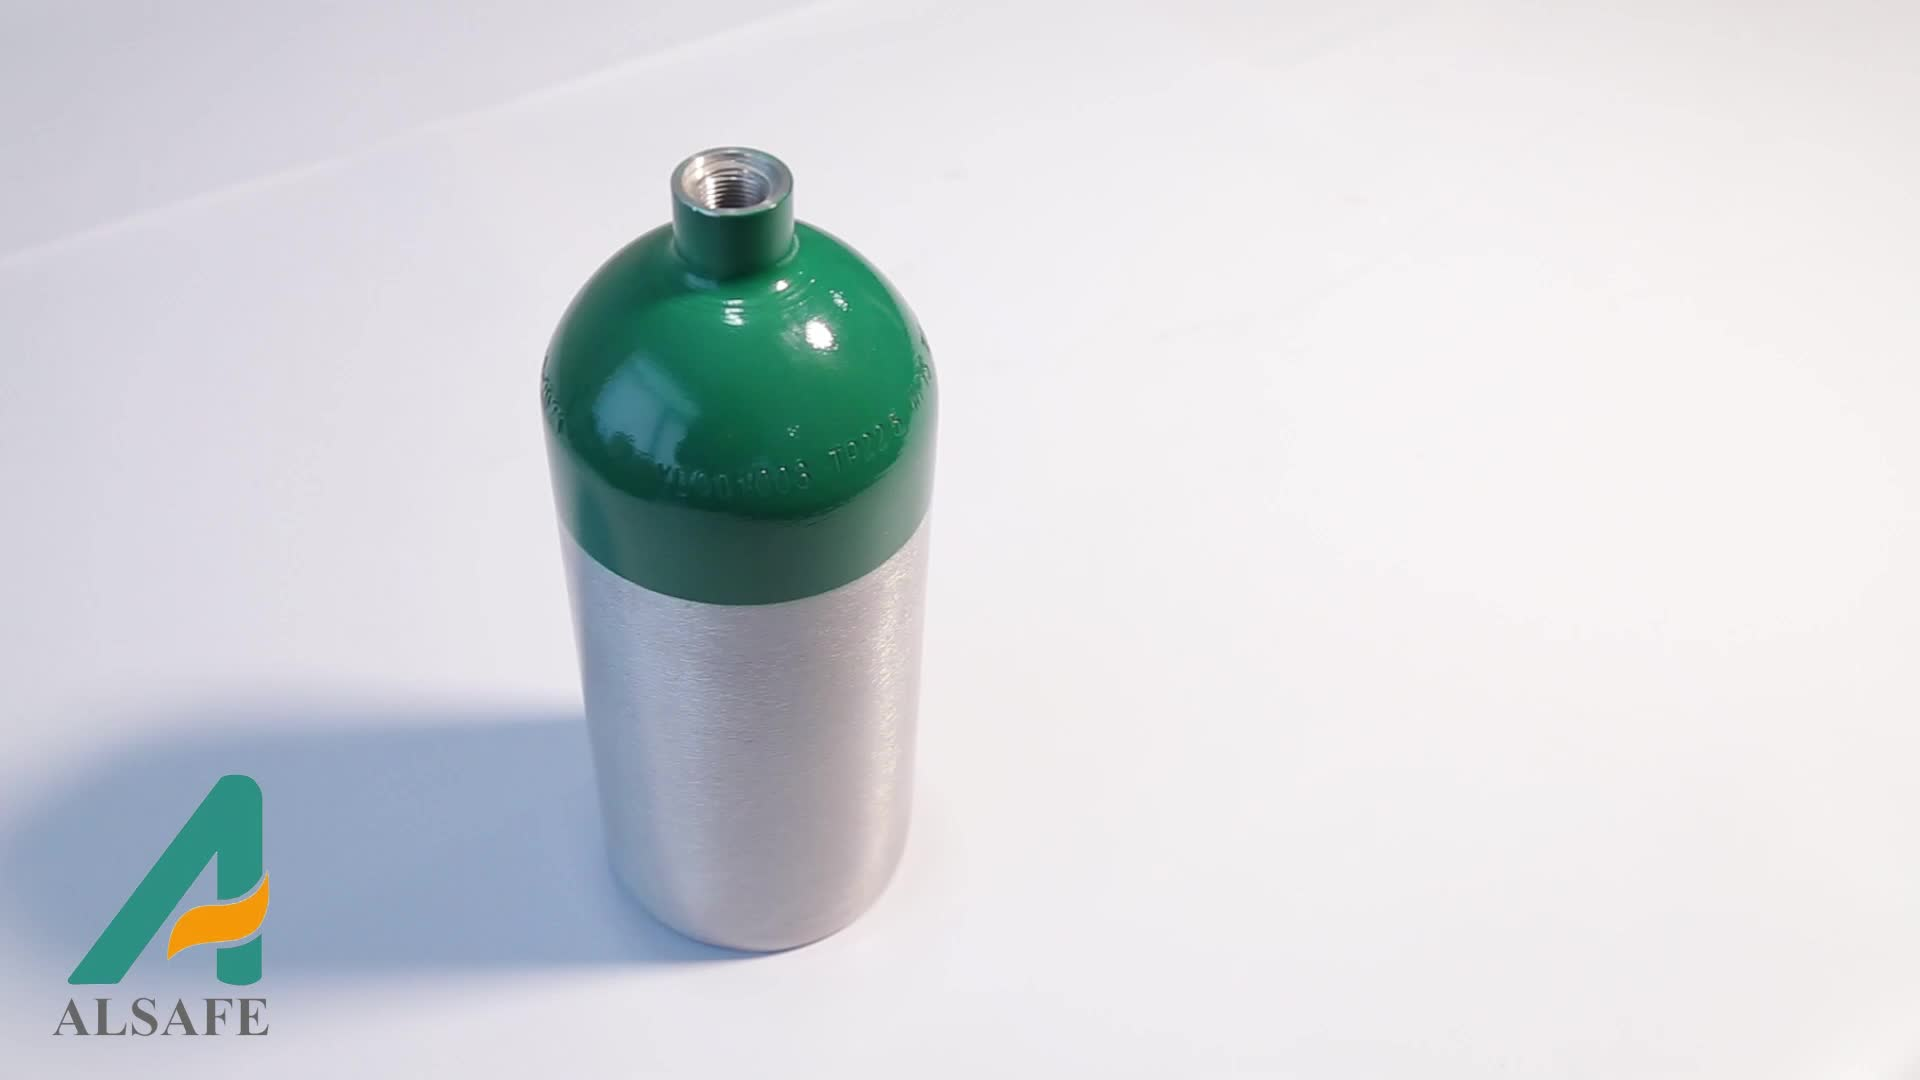 CE Onaylı Küçük Taşınabilir hastane ME Oksijen Silindir Fiyatı